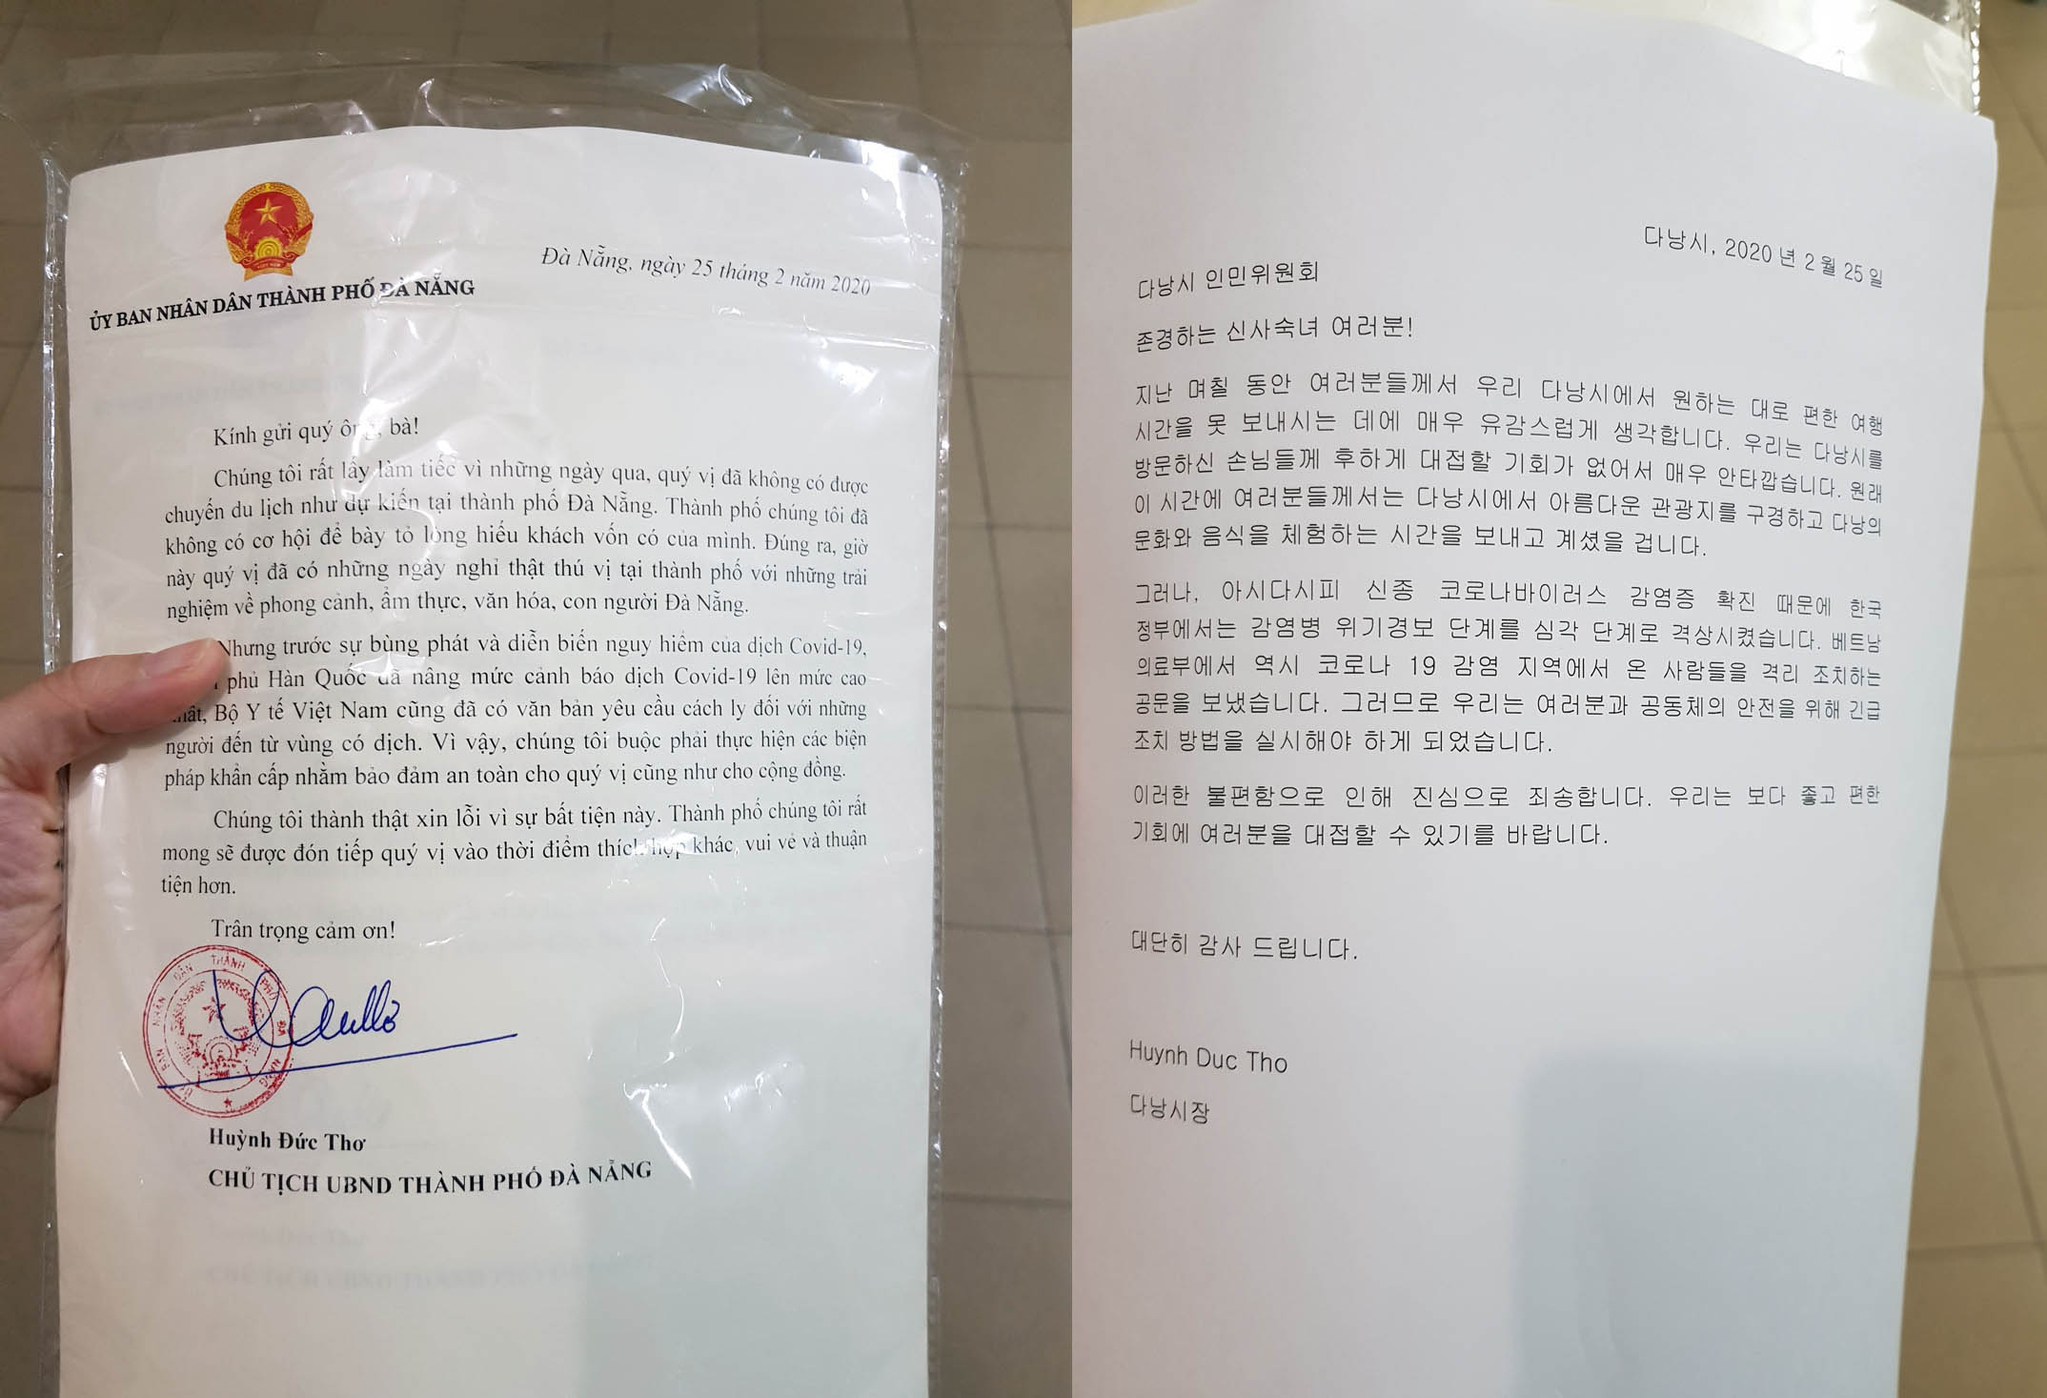 후인 득 토 다낭시장이 전달한 유감 편지. 베트남 주재 한국대사관